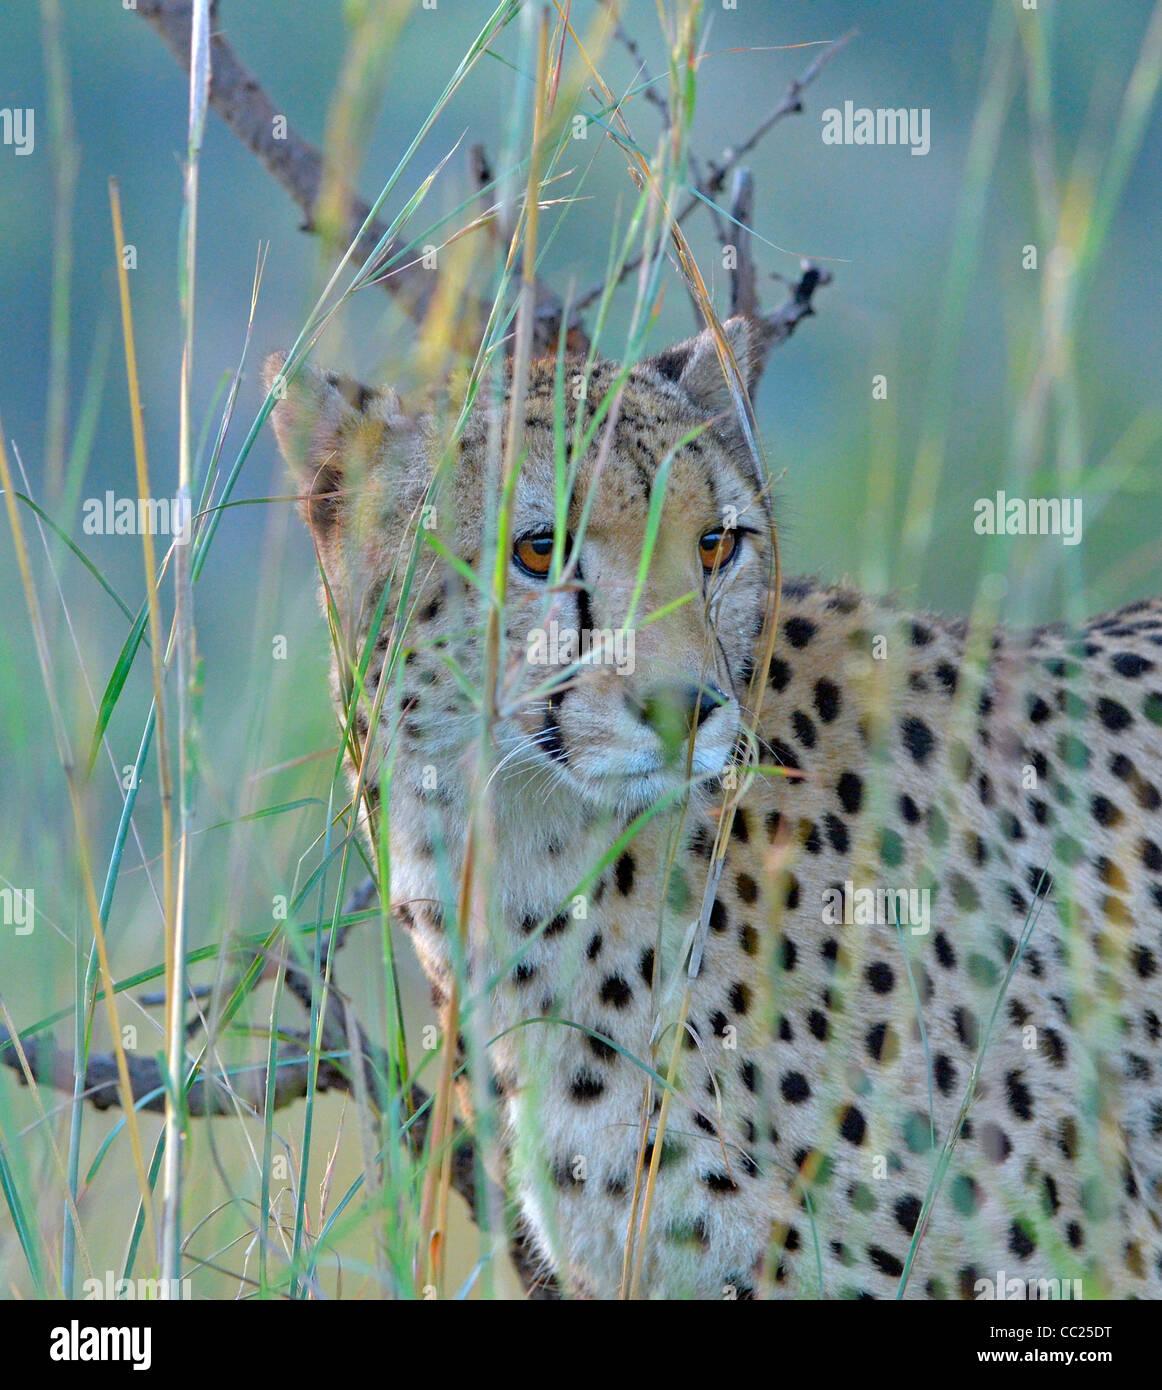 Parco nazionale di Kruger in Sud Africa -- Gioco migliore visualizzazione a tariffe accessibili. ghepardo il peering Immagini Stock